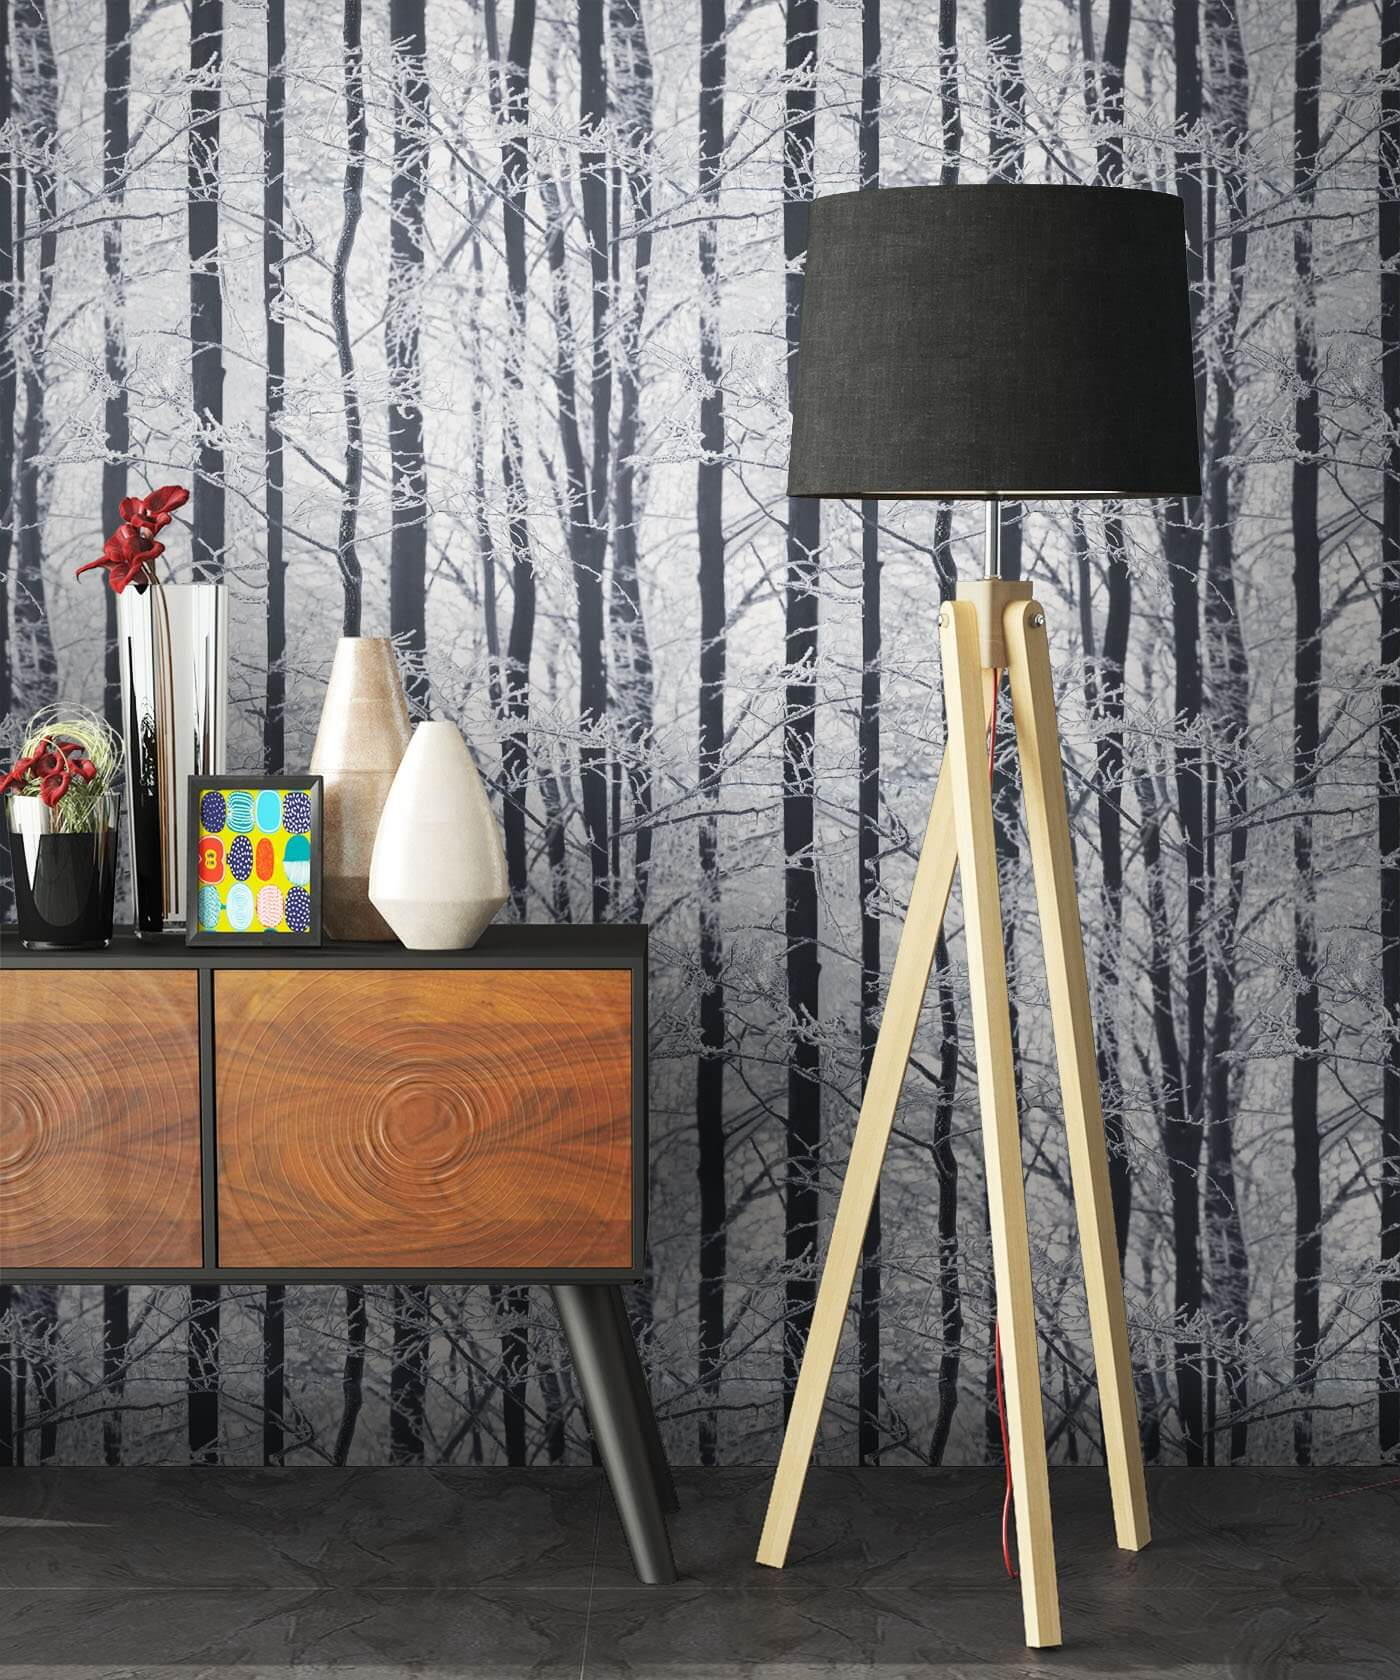 Papiertapete - Grau - Natur - - Birke - Bäume Diele/Flur, Schlafen ...